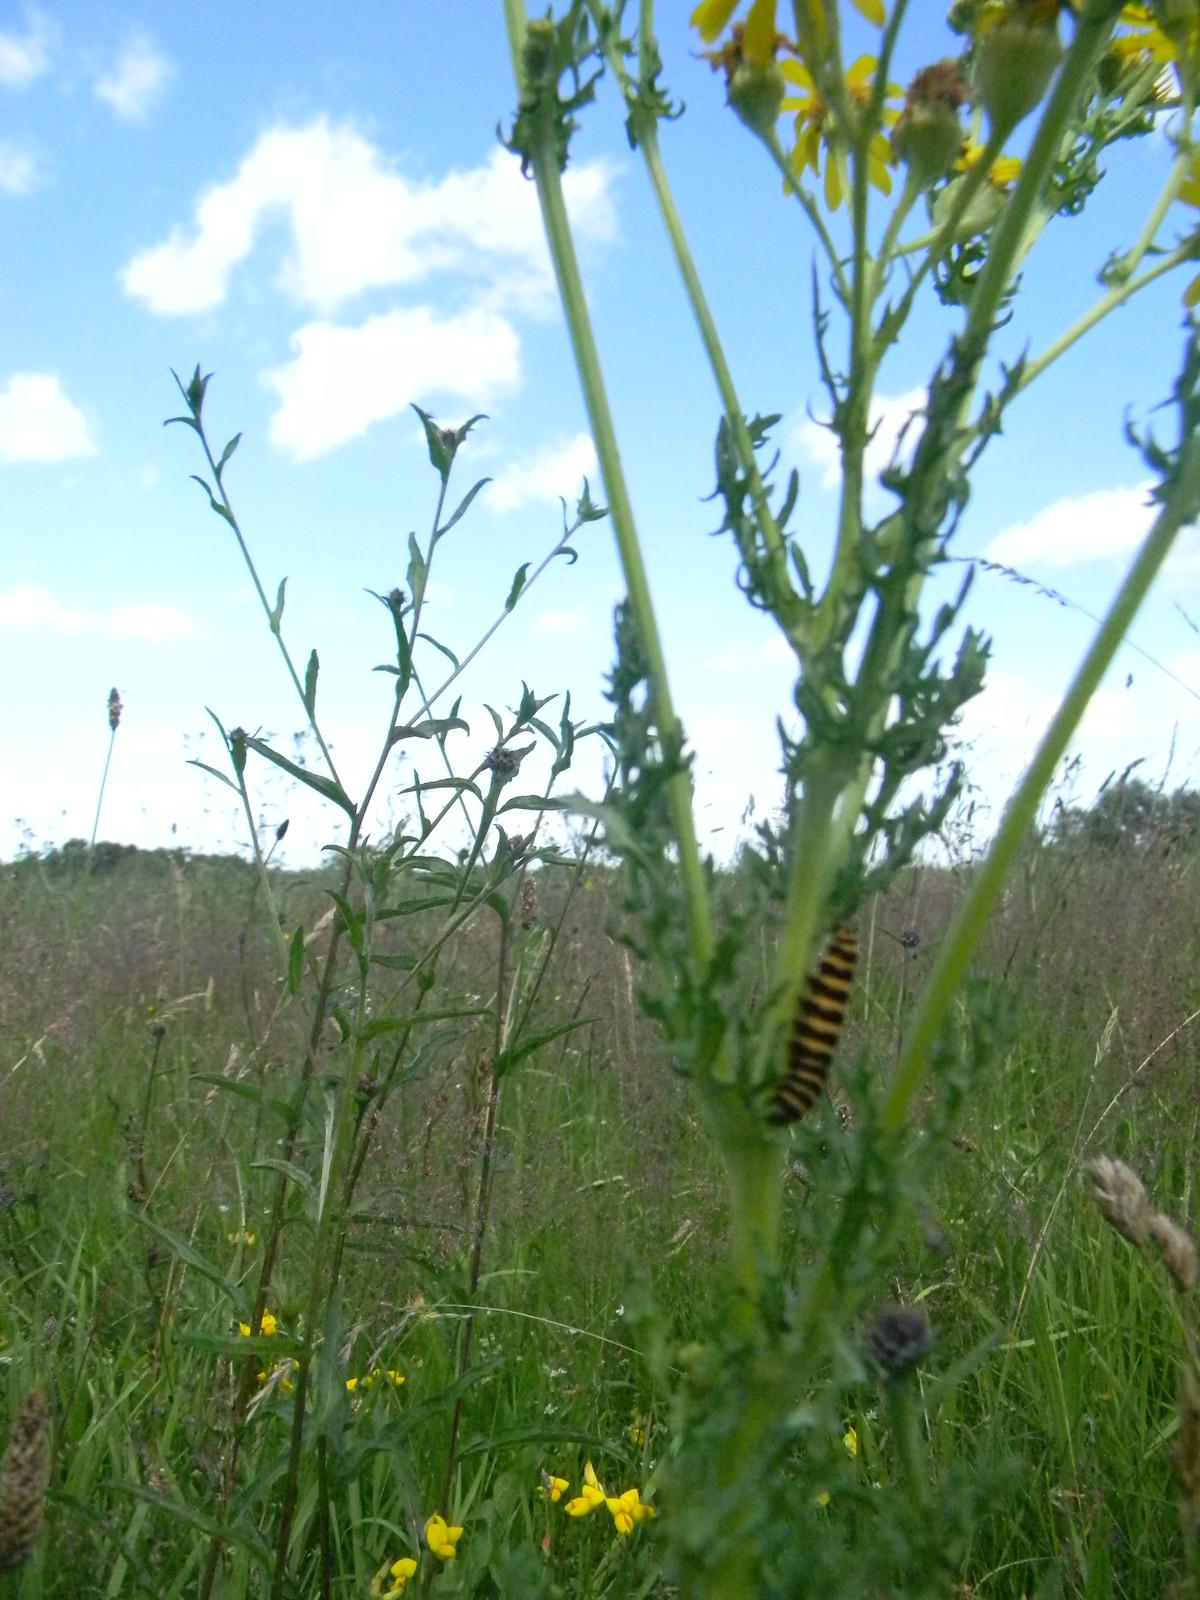 Cinnabar moth caterpillar On ragwort. Merstham to Tattenham Corner